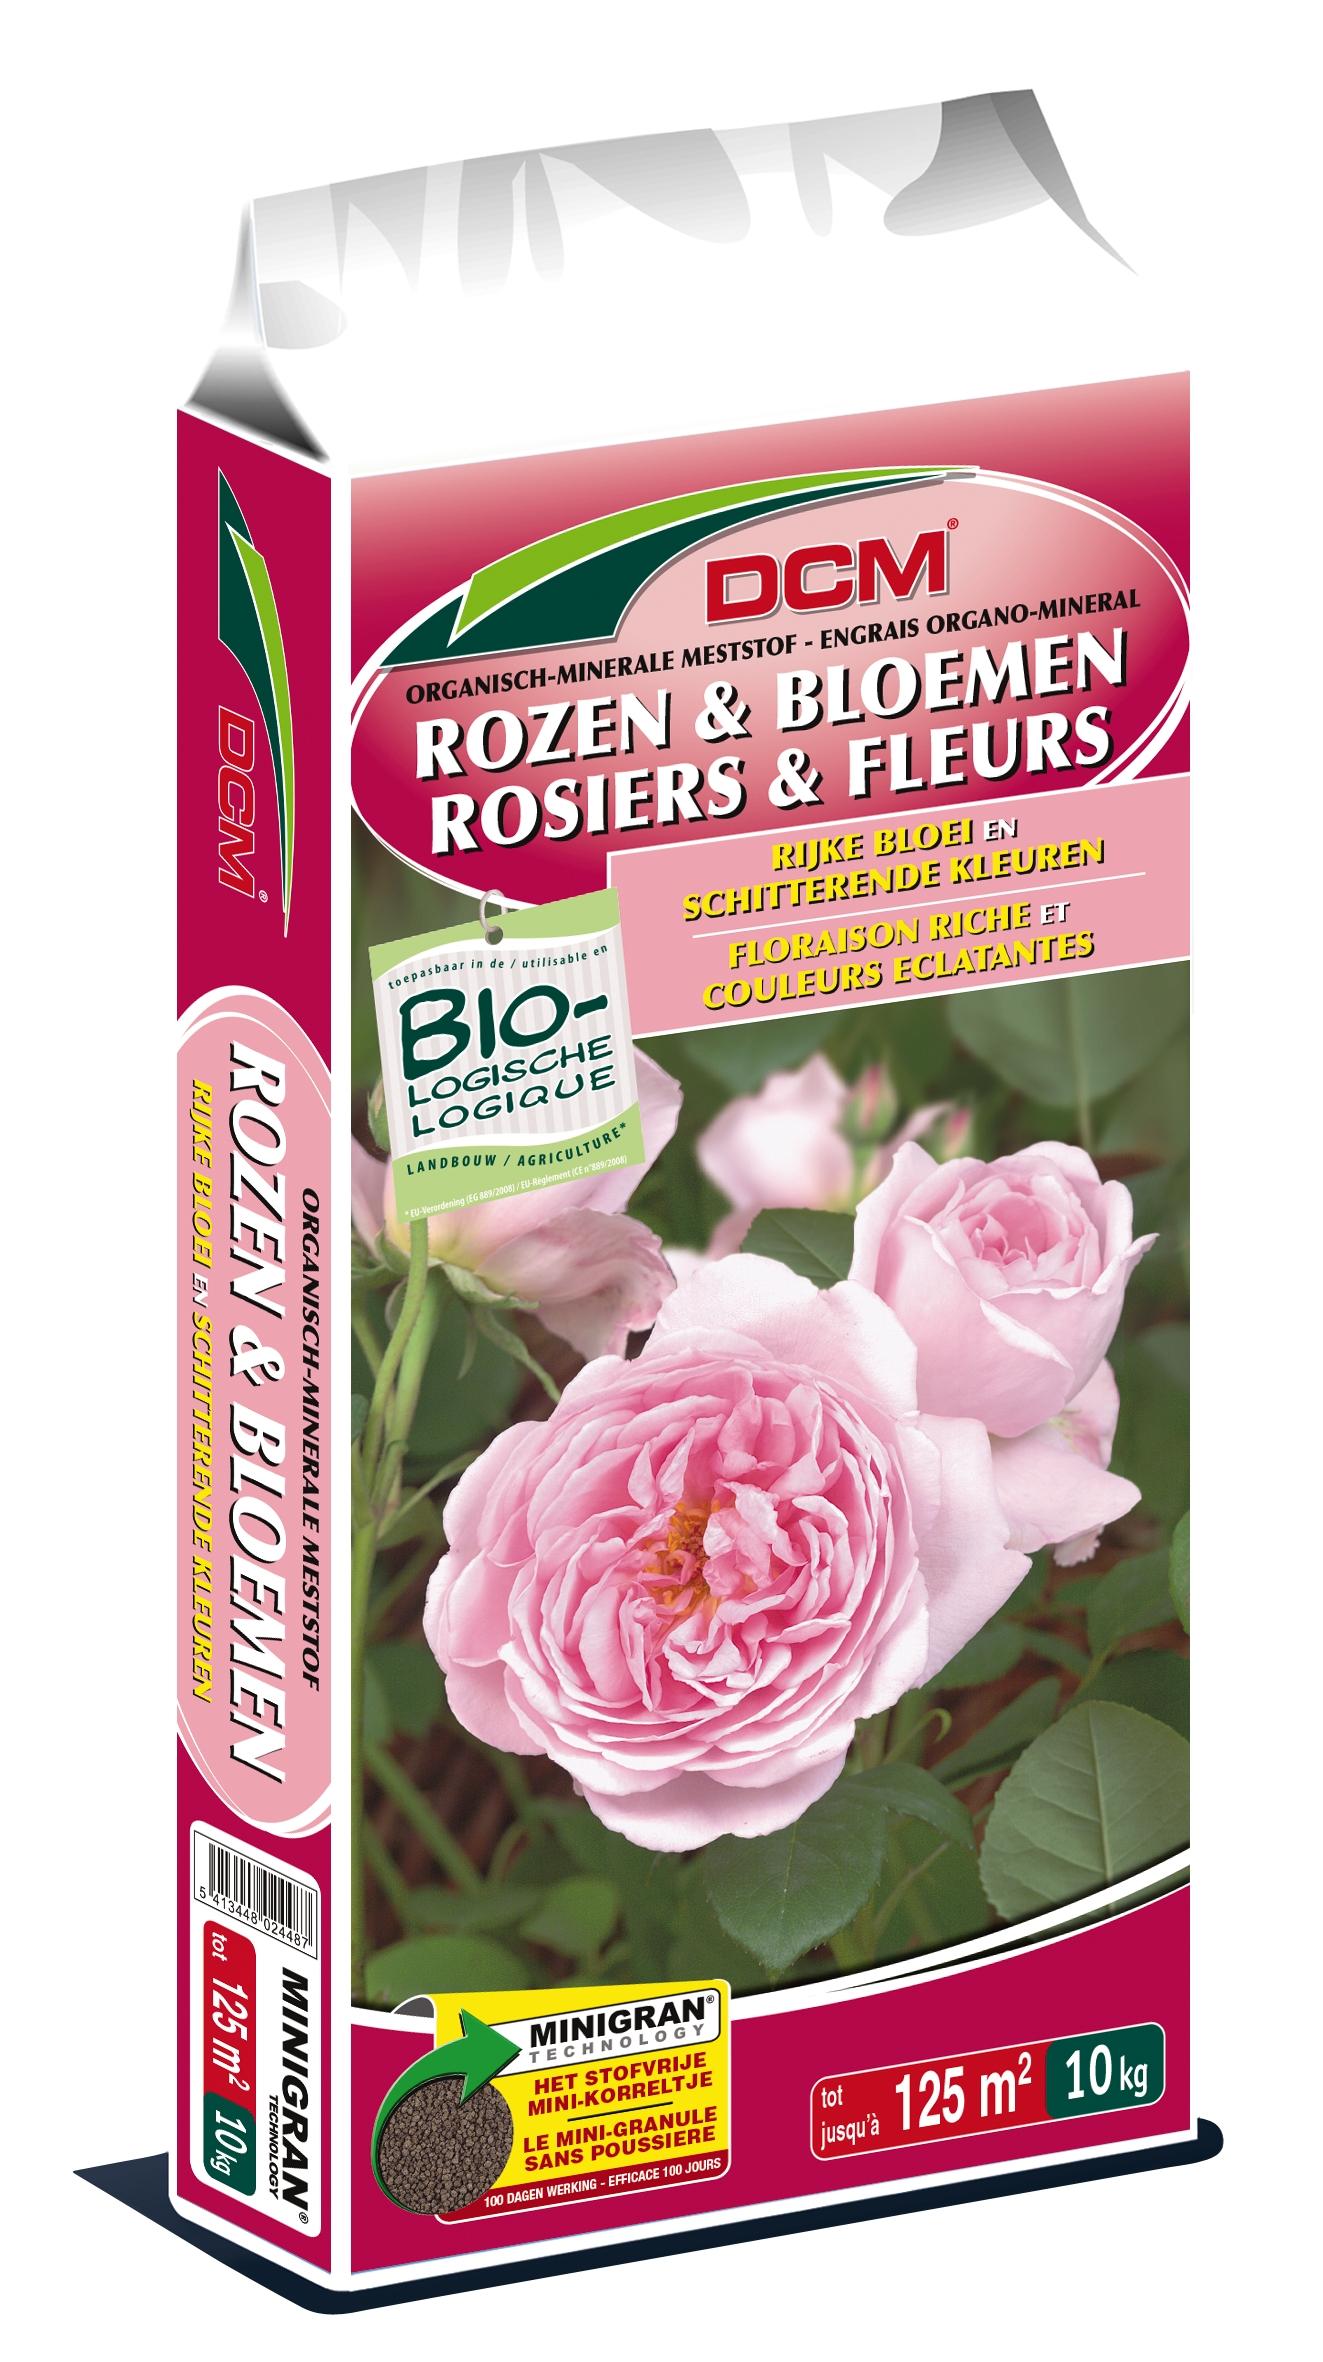 Dcm Organisch-Minerale meststof Rozen & Bloemen